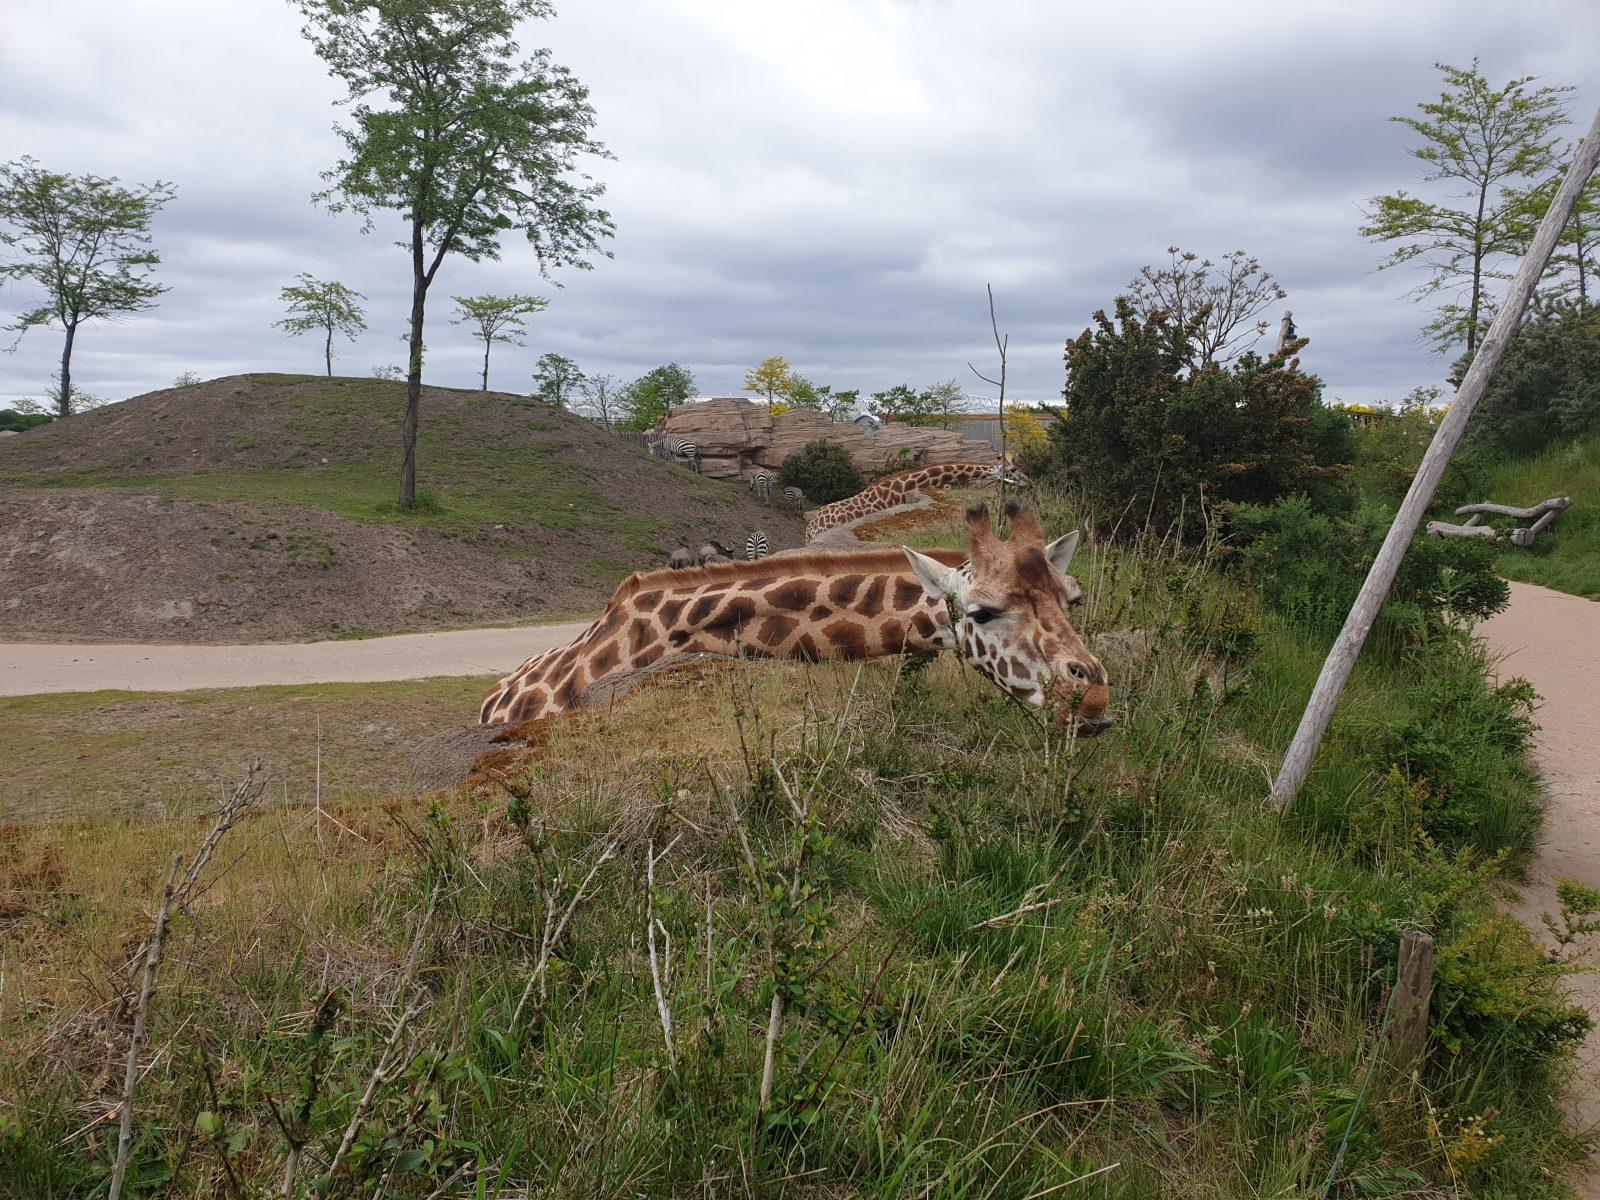 Giraf Wildlands